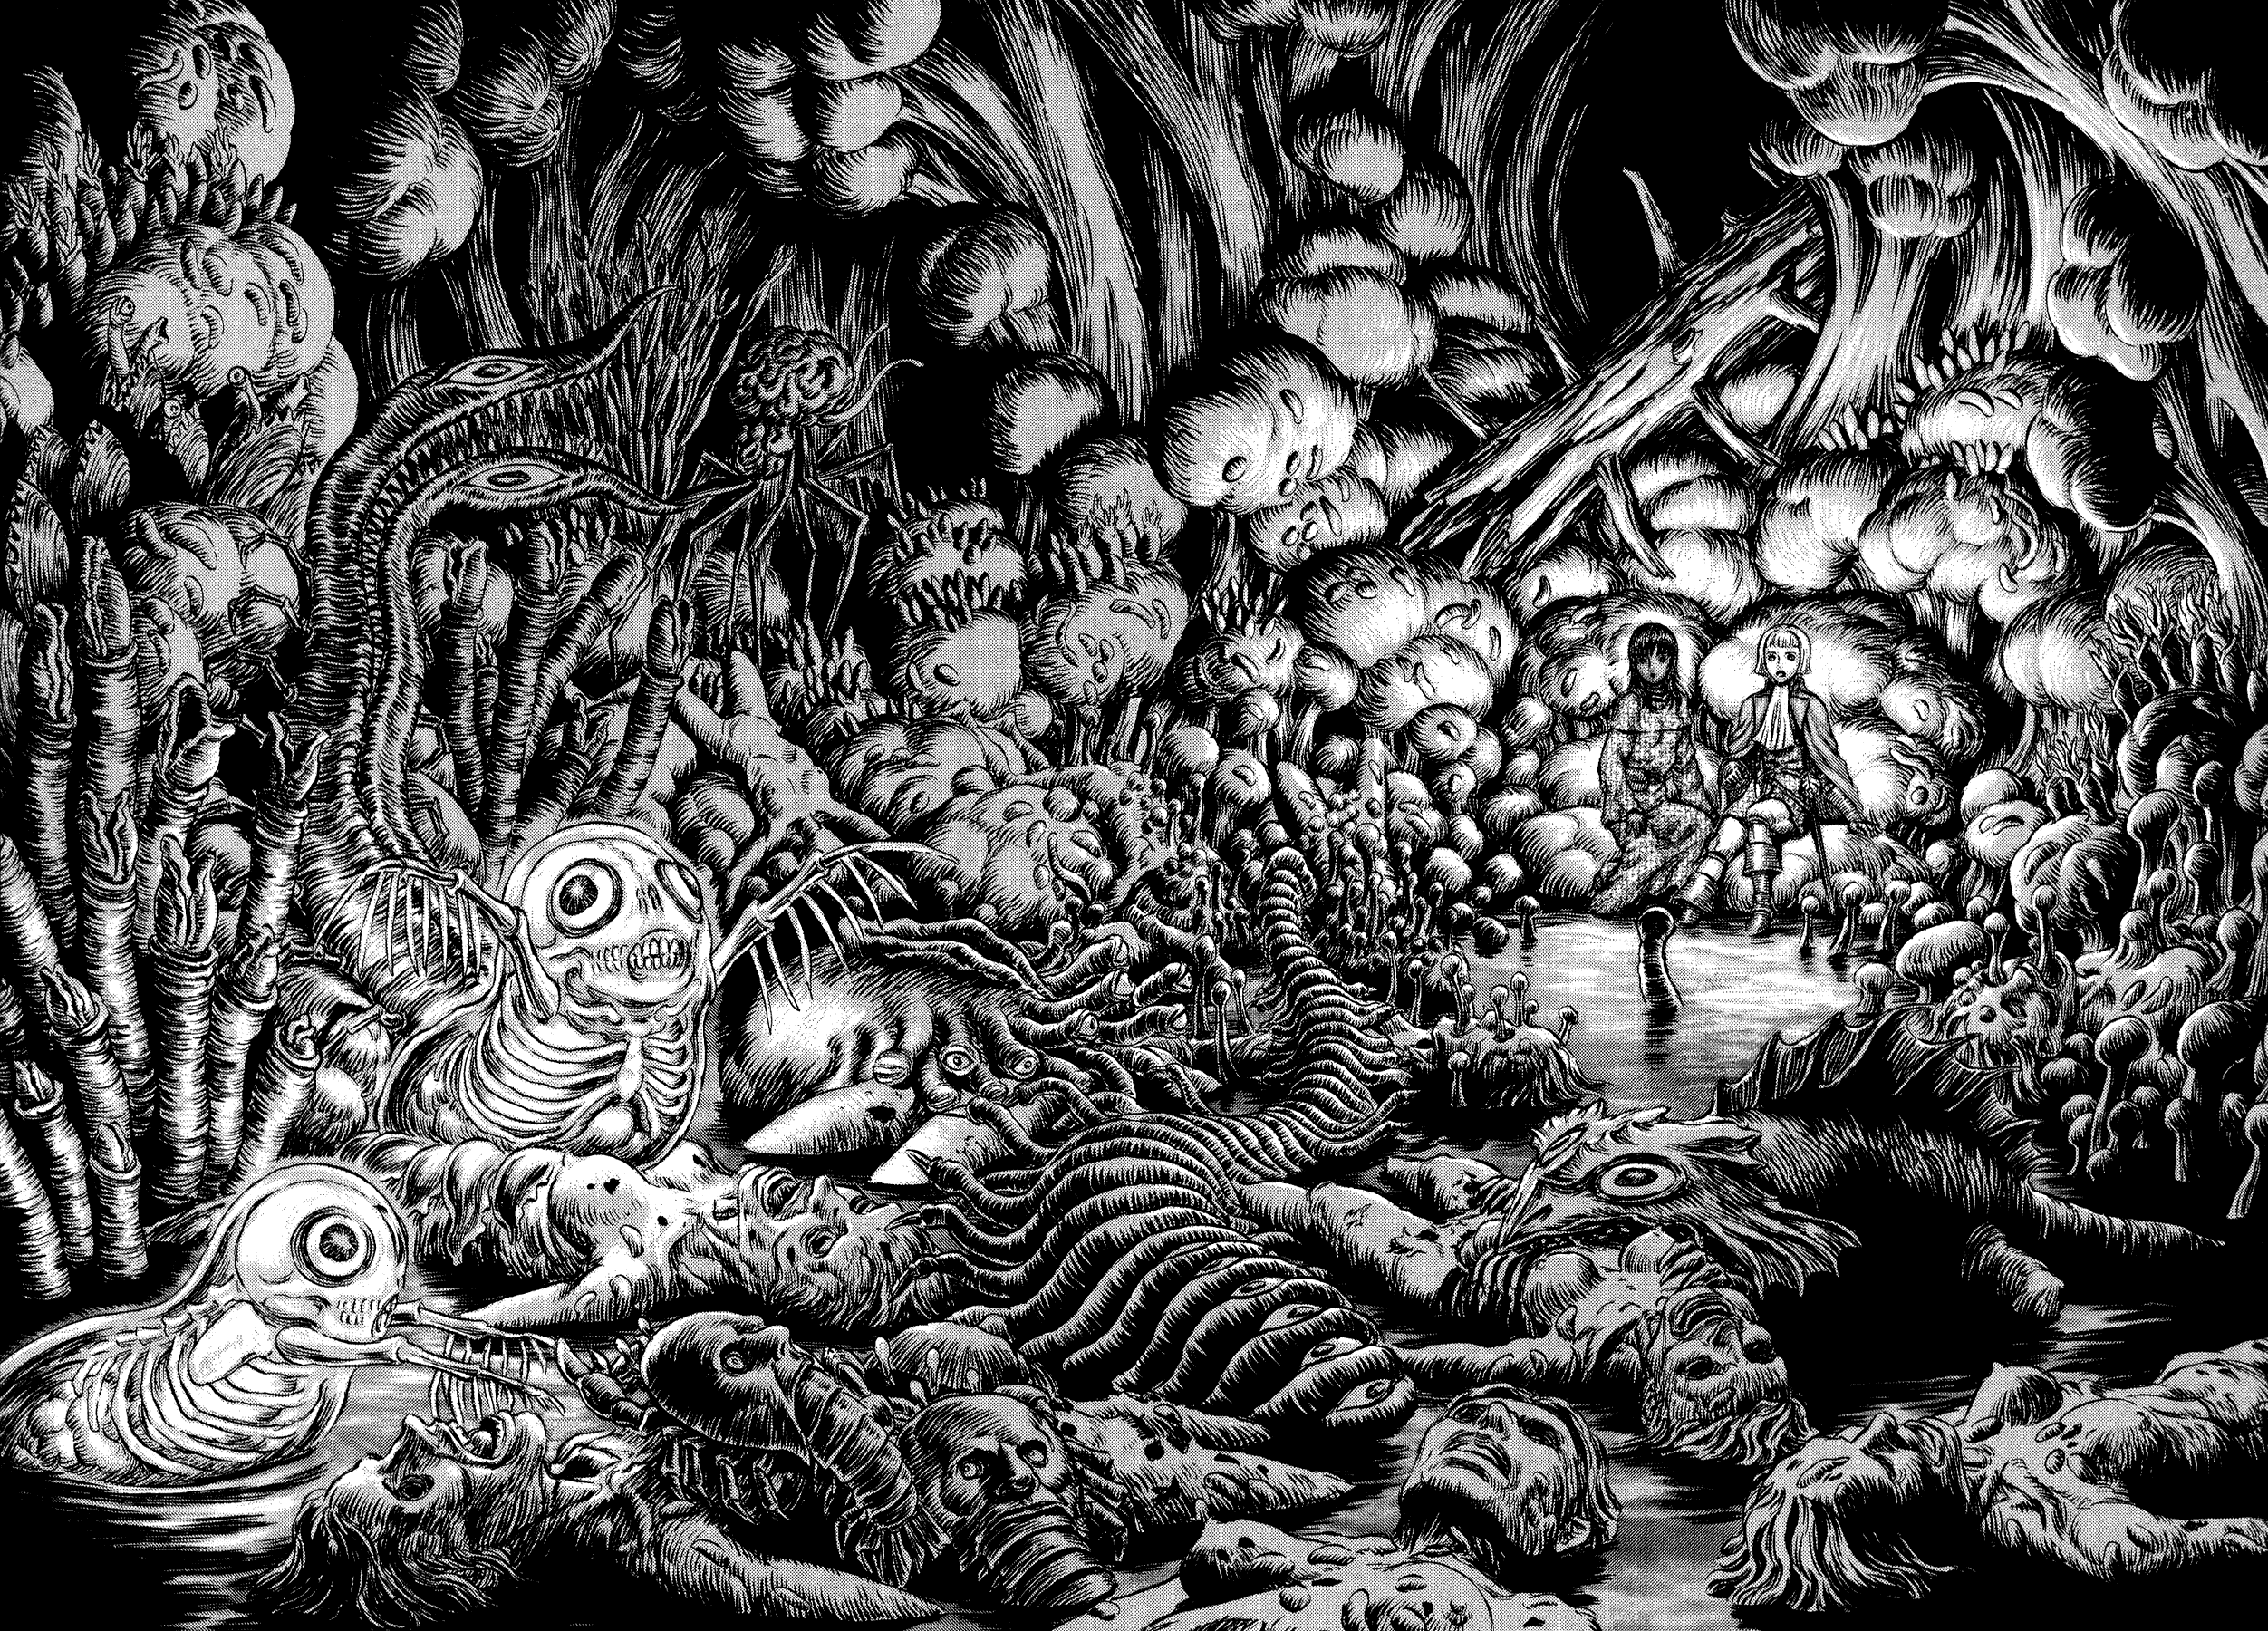 Mangaturk - Berserk - Sayı 216 - Sayfa 9